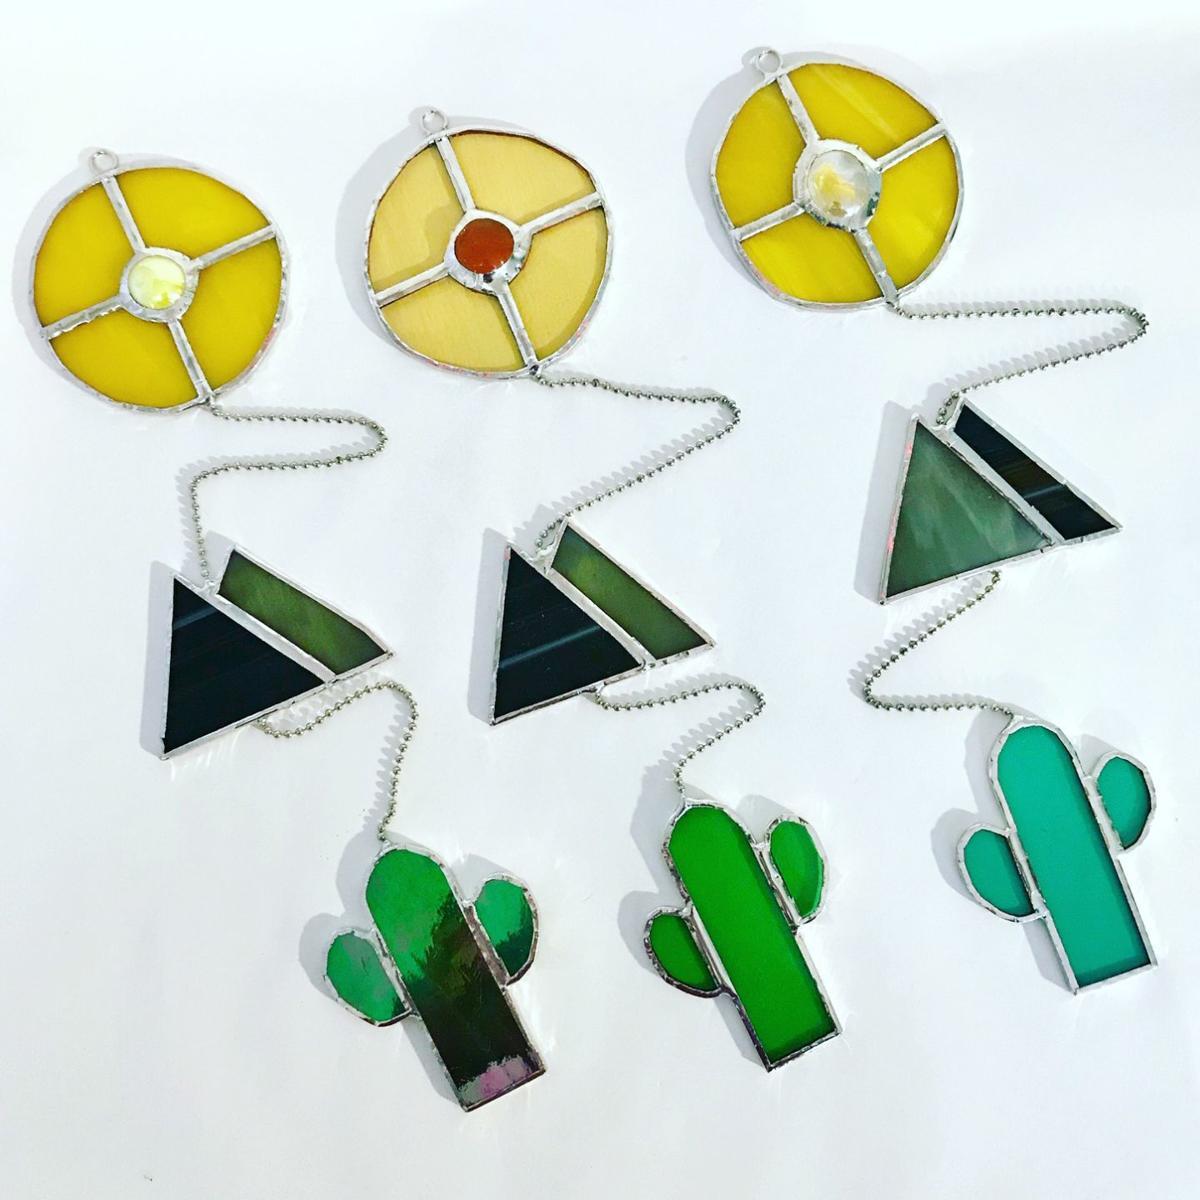 Desert glass hangers